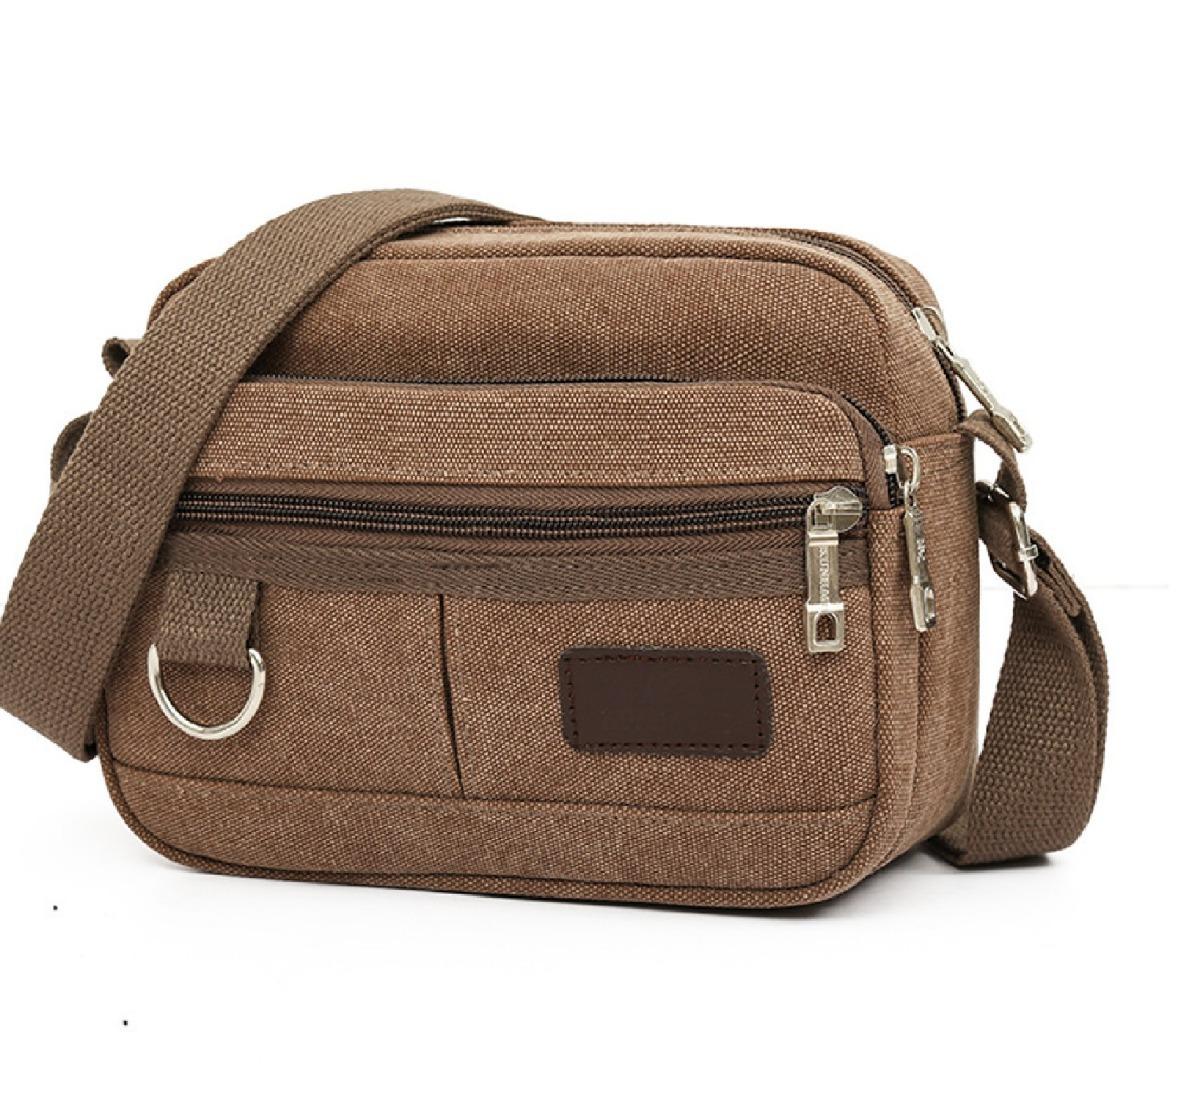 58359a8636834 bolso mensajero hombre mujer cartera maletin mama madre. Cargando zoom.